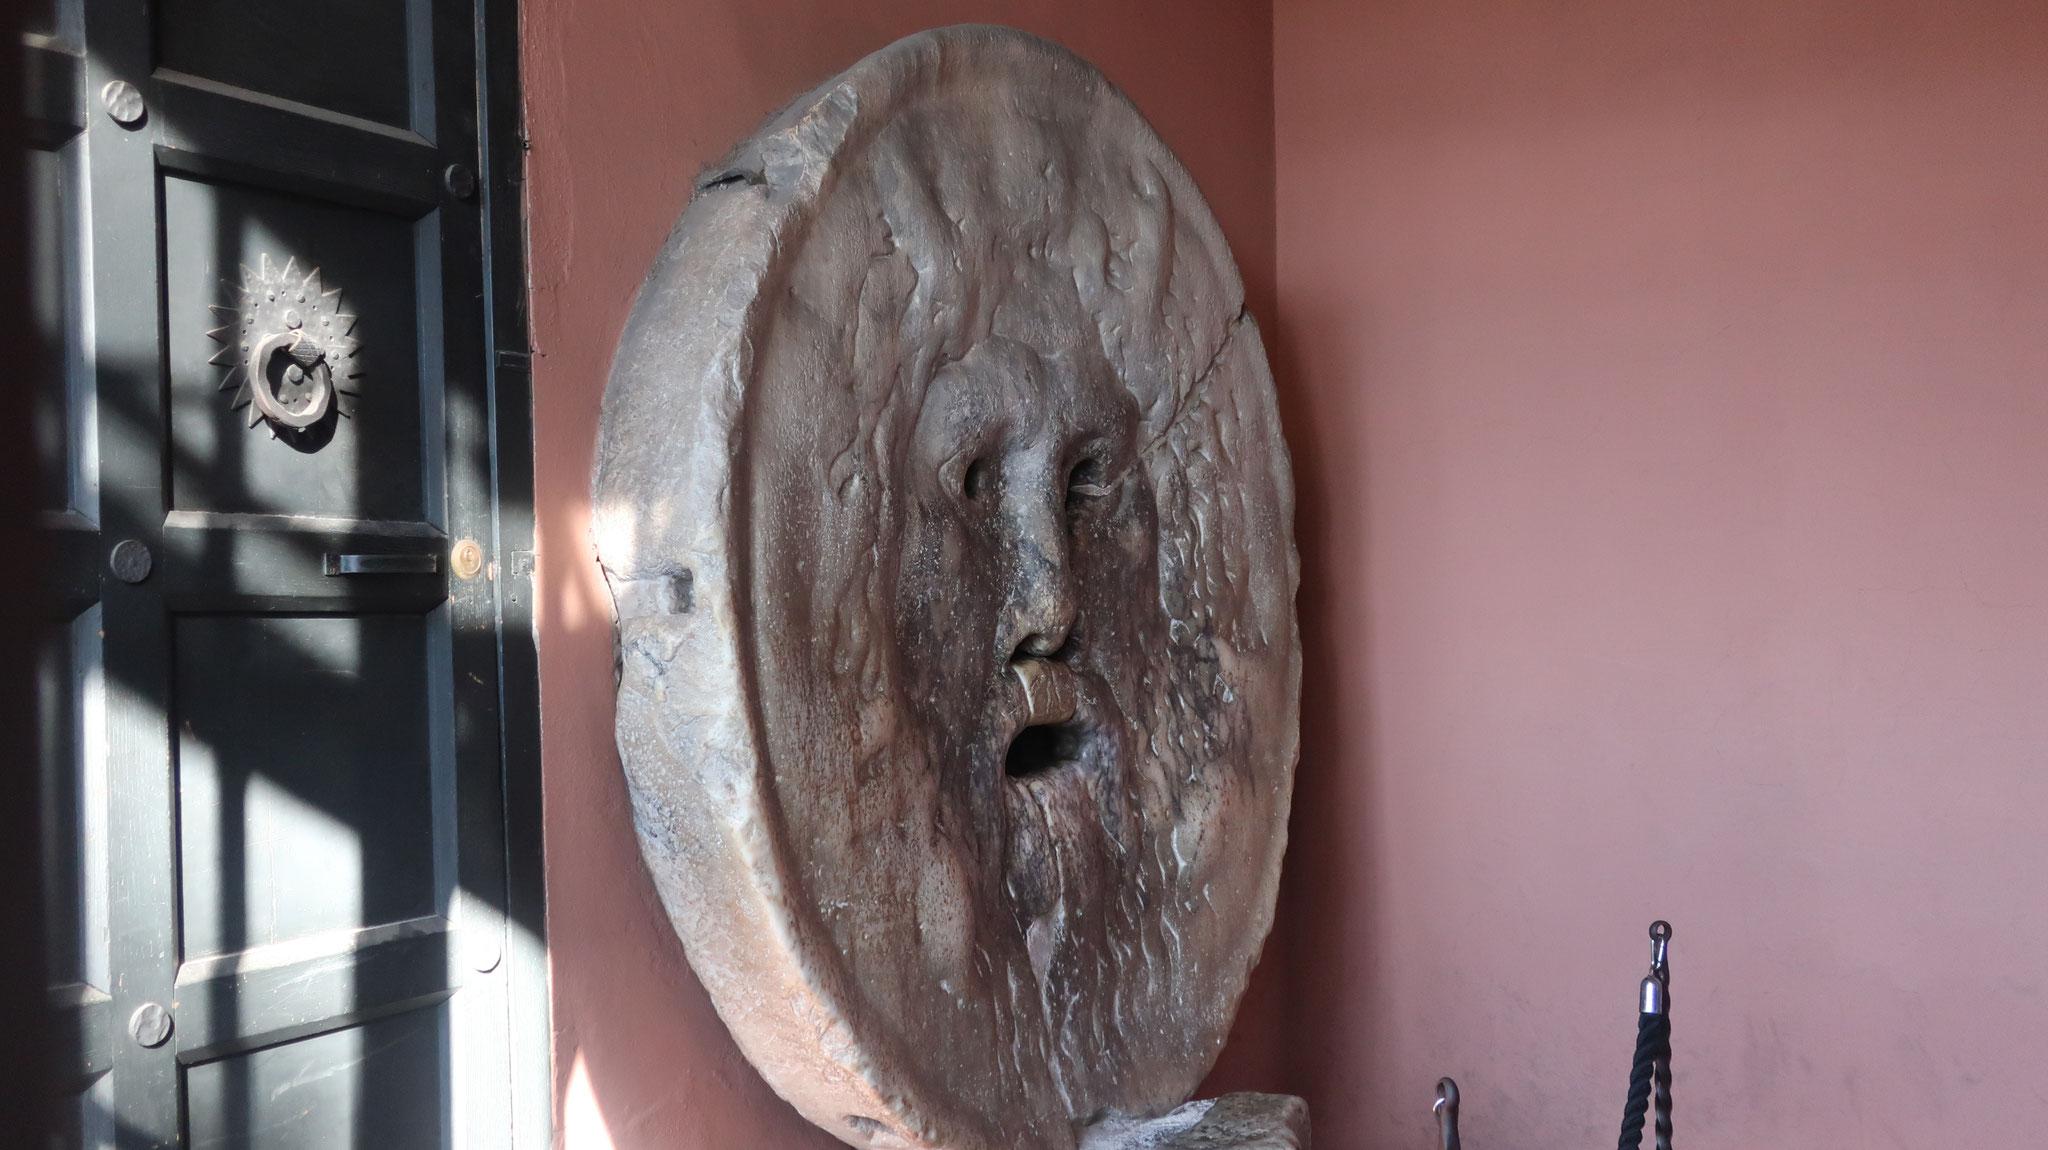 牧神「パン」を描いた、石造りのマンホールの蓋です。